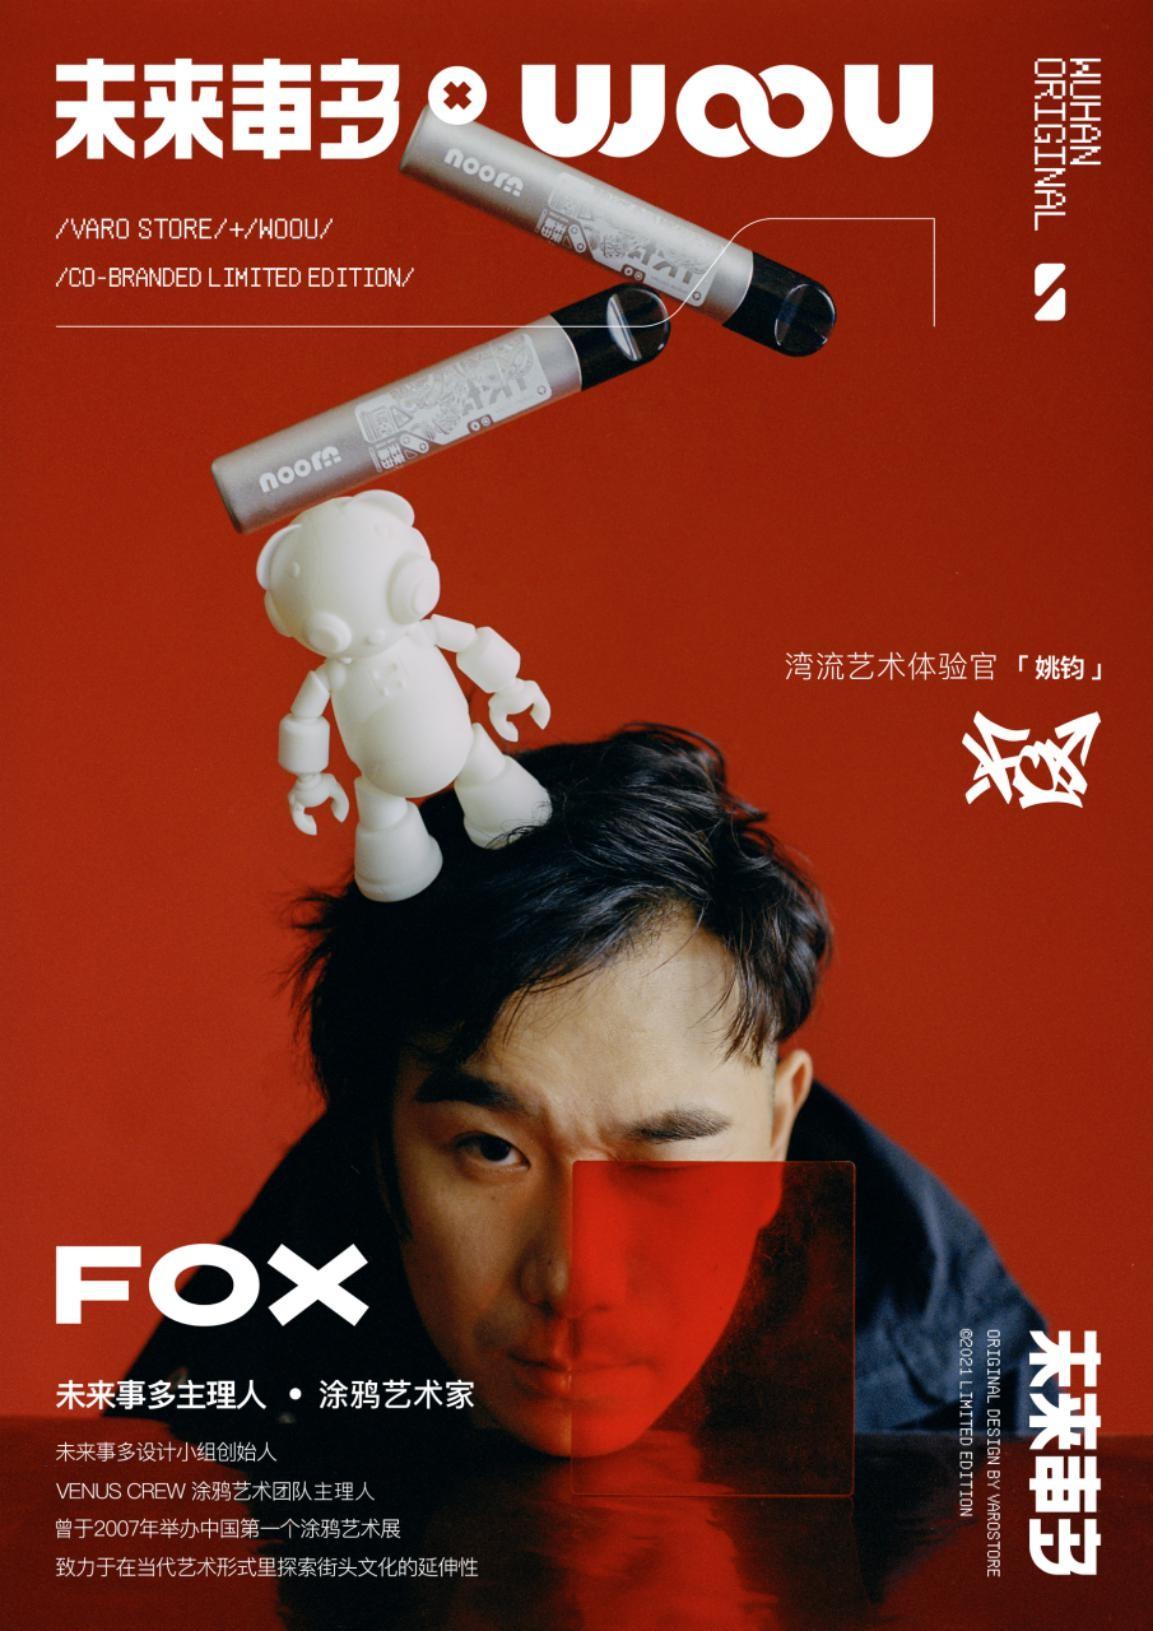 """湖北电子烟领军品牌""""WOOU湾流""""携手涂鸦艺术家FOX艺术IP联名"""